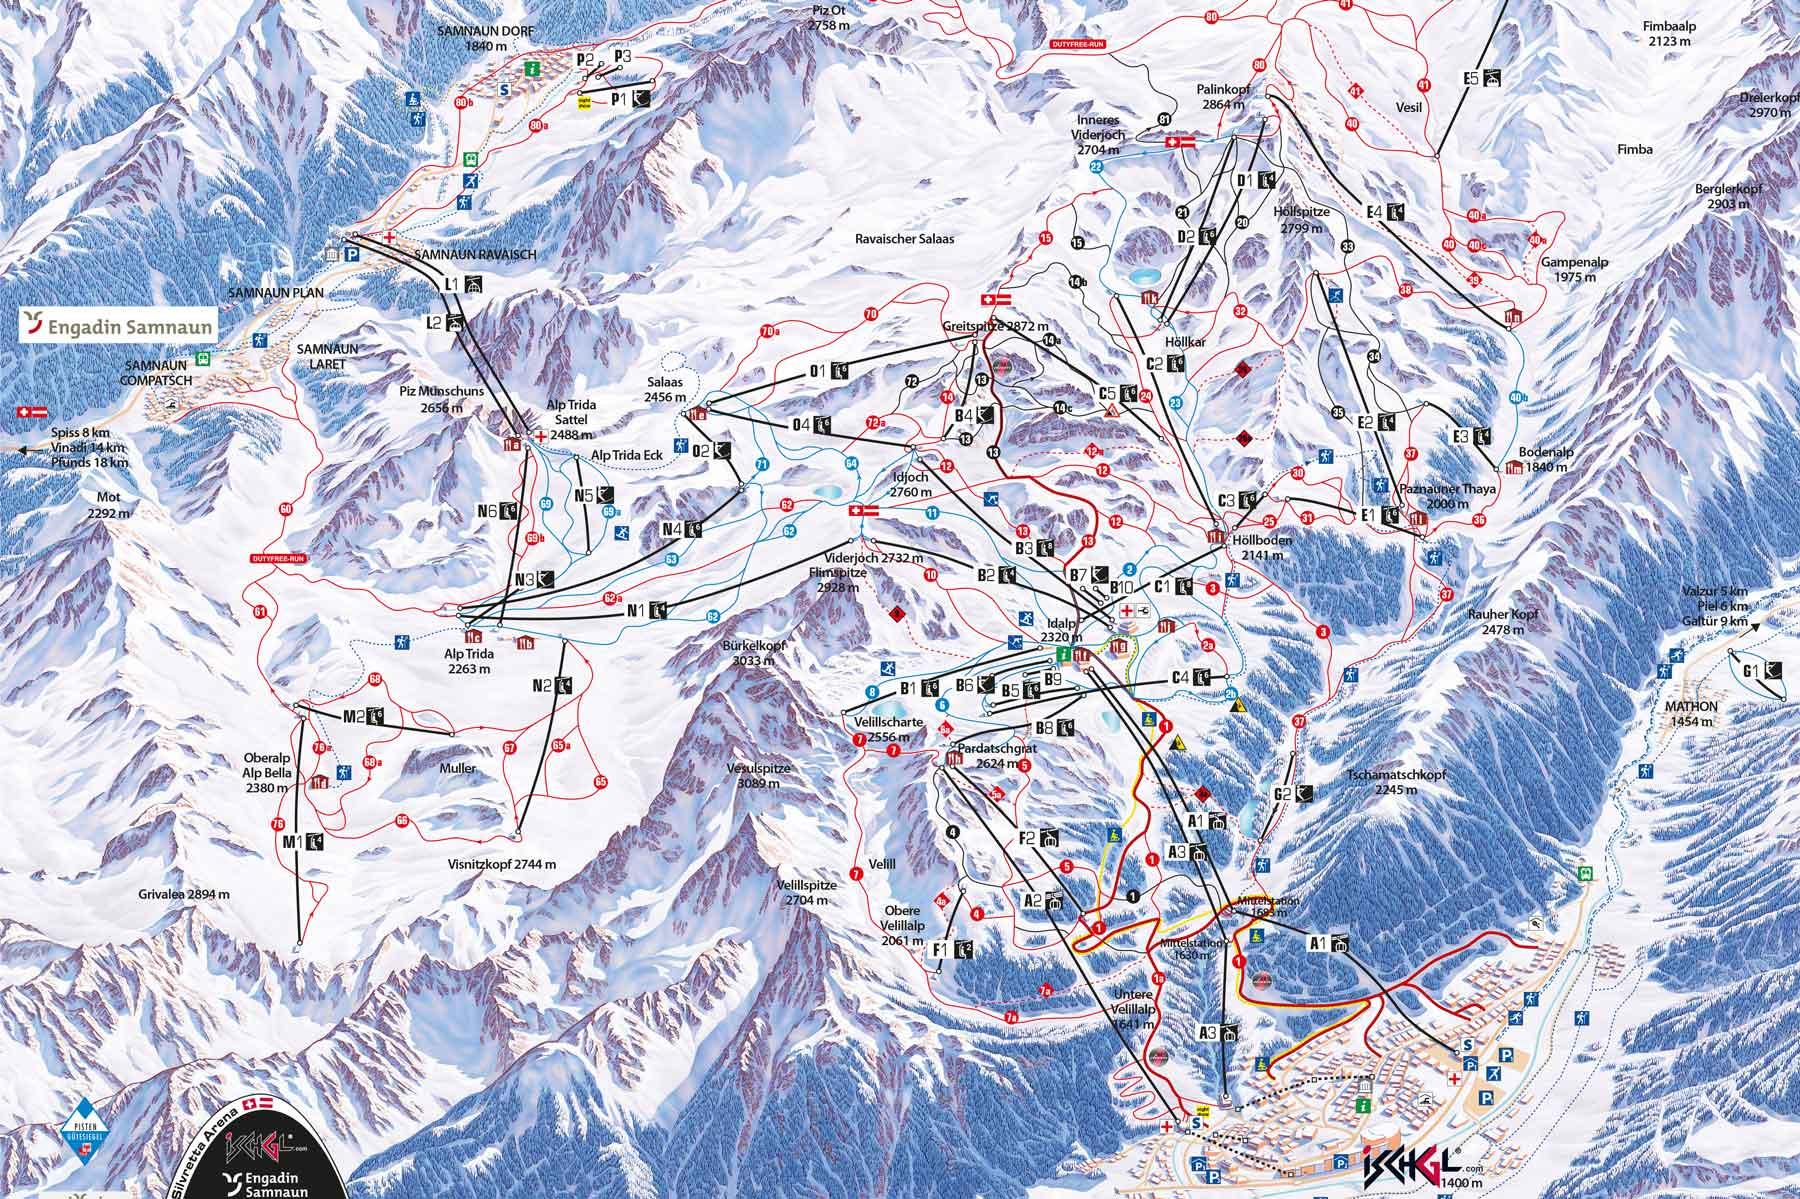 Chalet-Mathon-Silvretta-Skiarena-Pistenplan